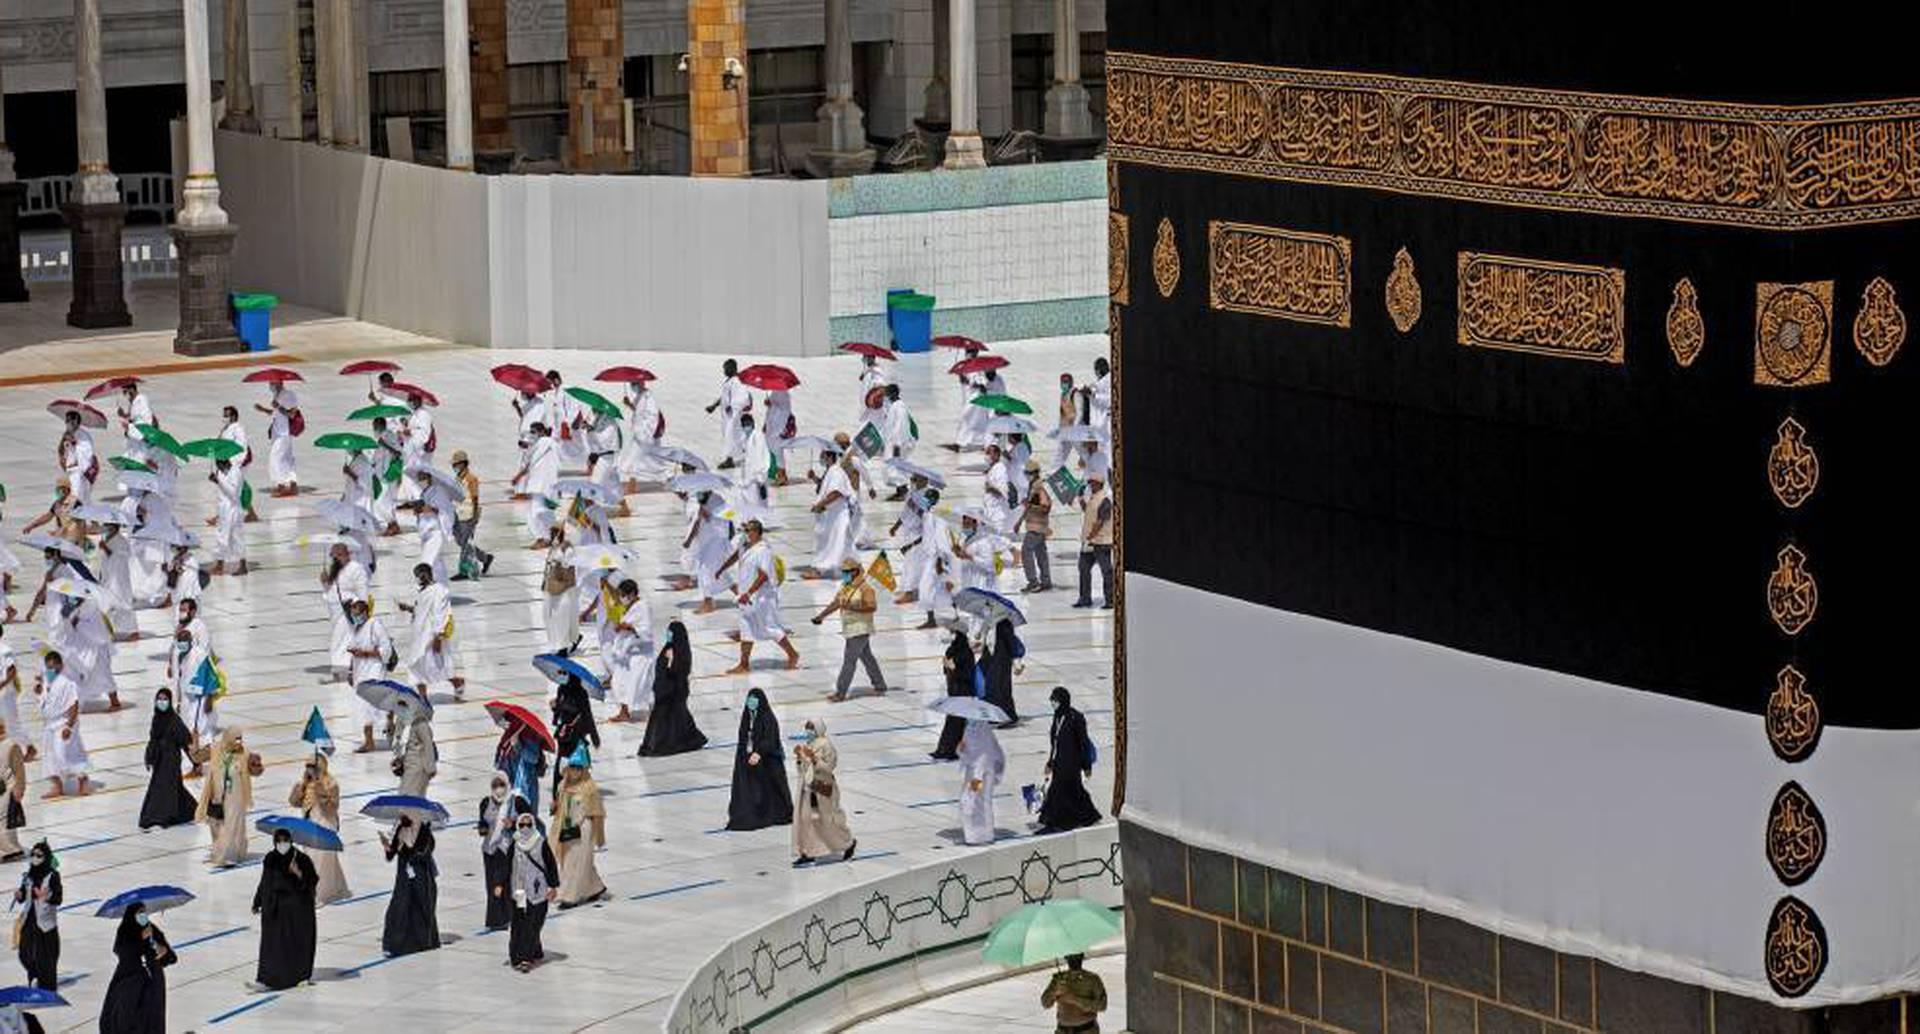 Peregrinación en La Meca: restricciones por coronavirus.